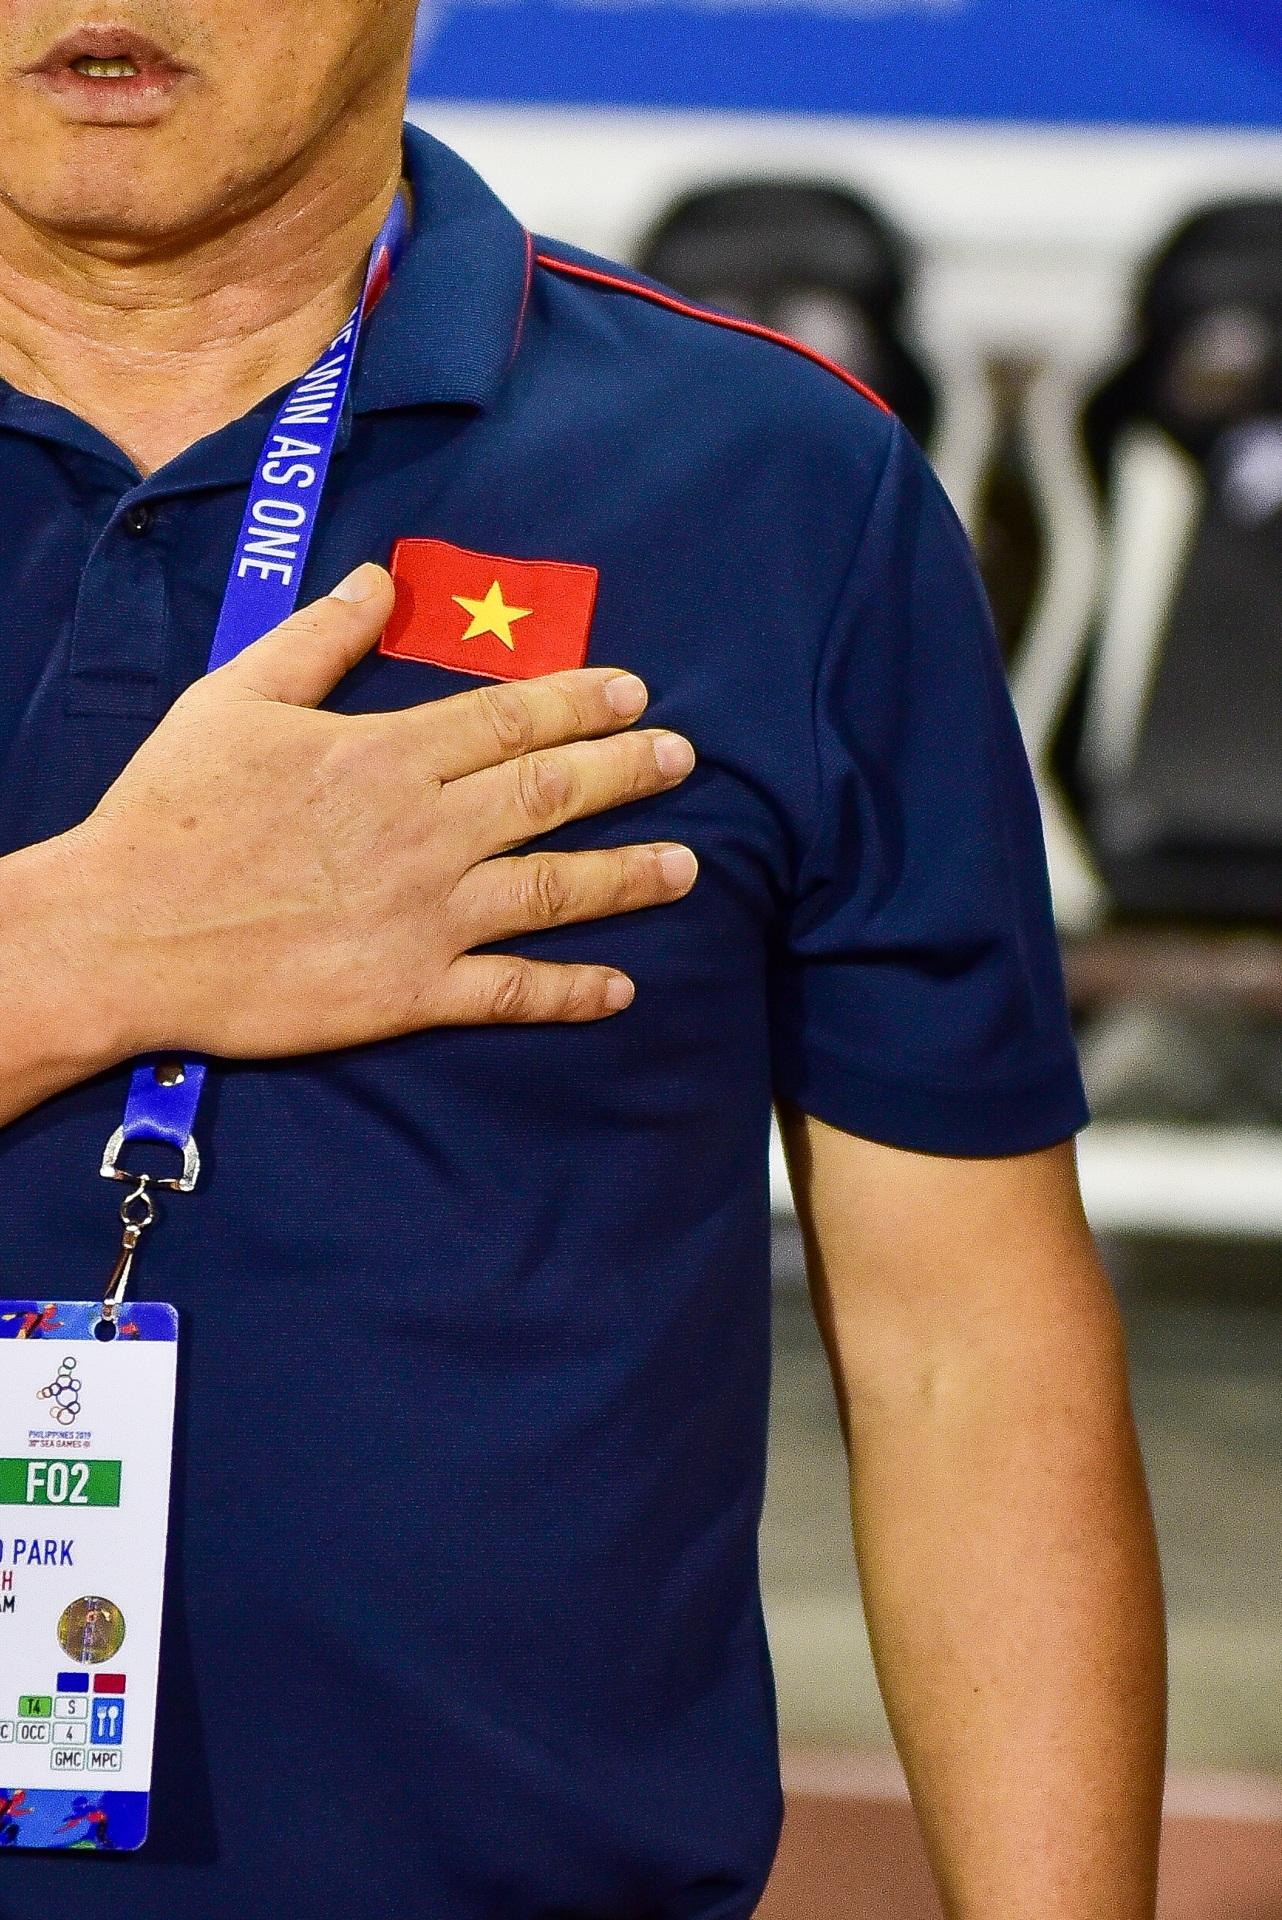 Những cảm xúc đặc biệt của HLV Park Hang Seo trong trận thắng U22 Campuchia - 3